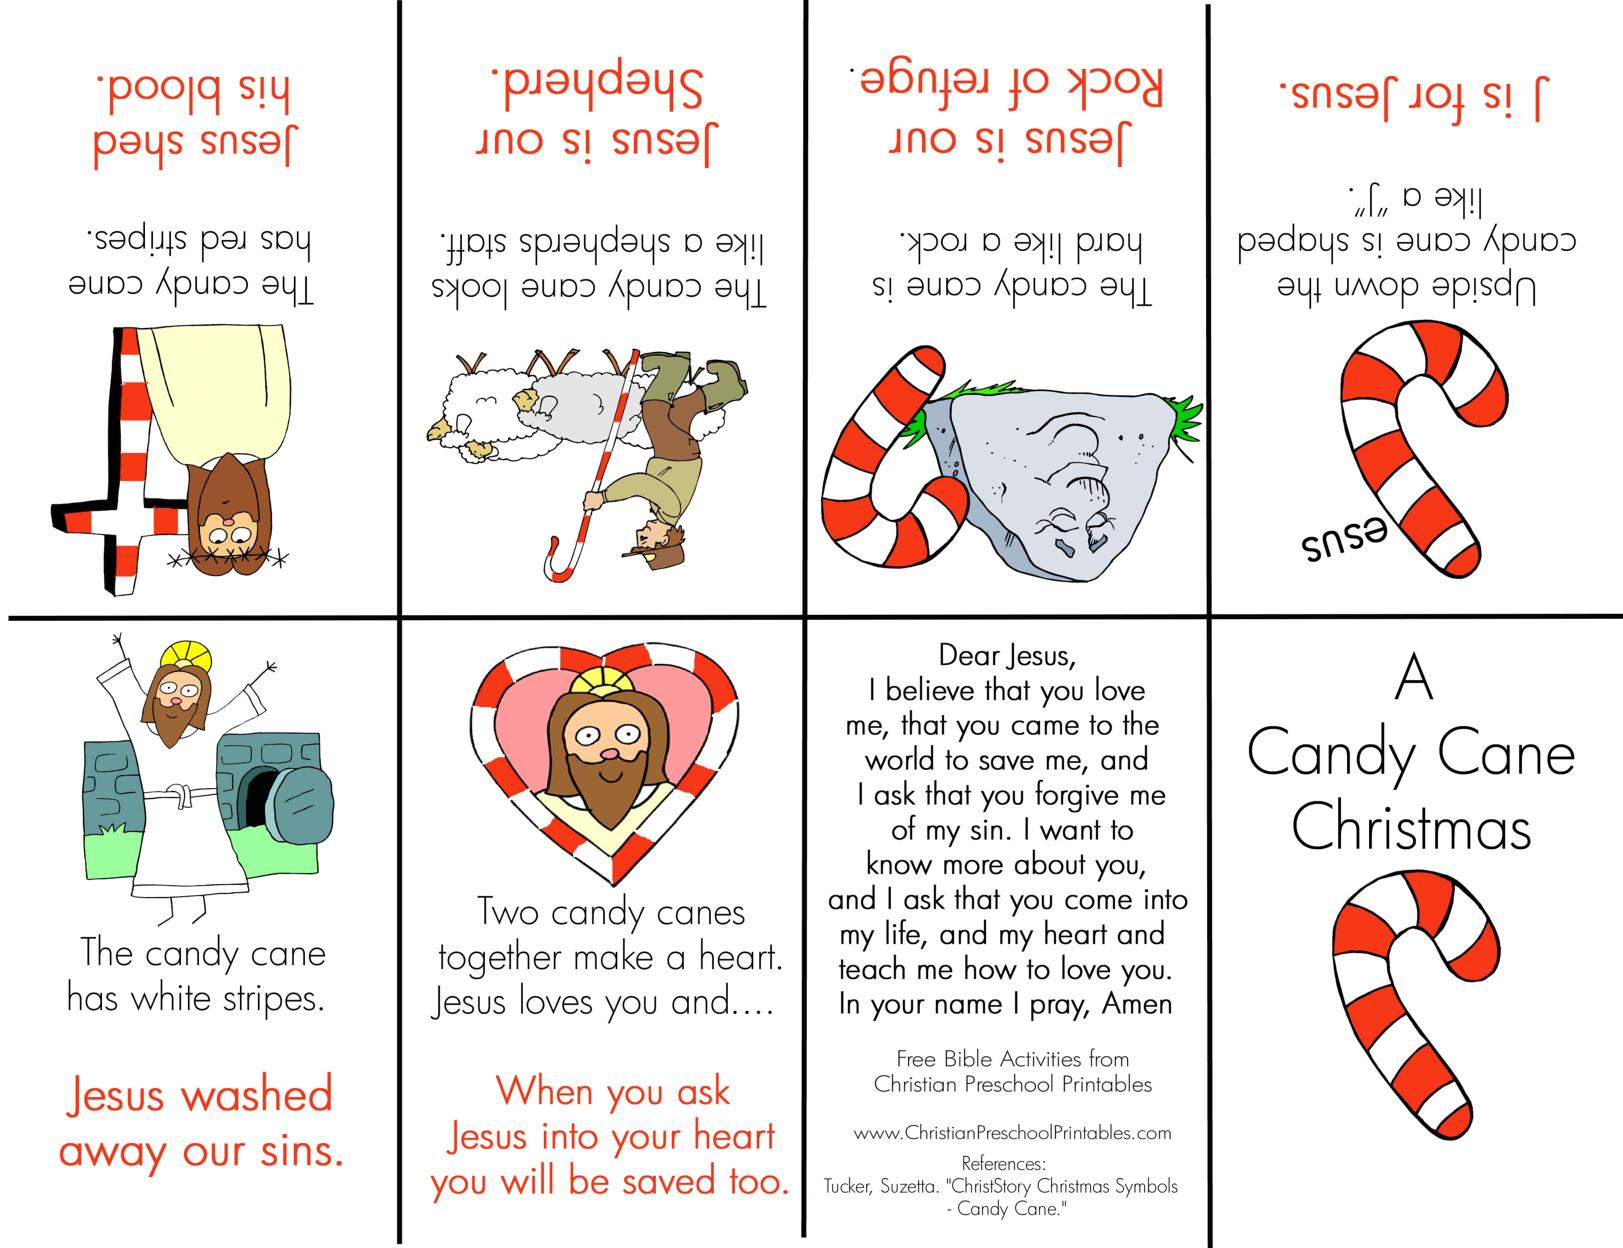 candy cane mini book christian preschool printables cakepins com